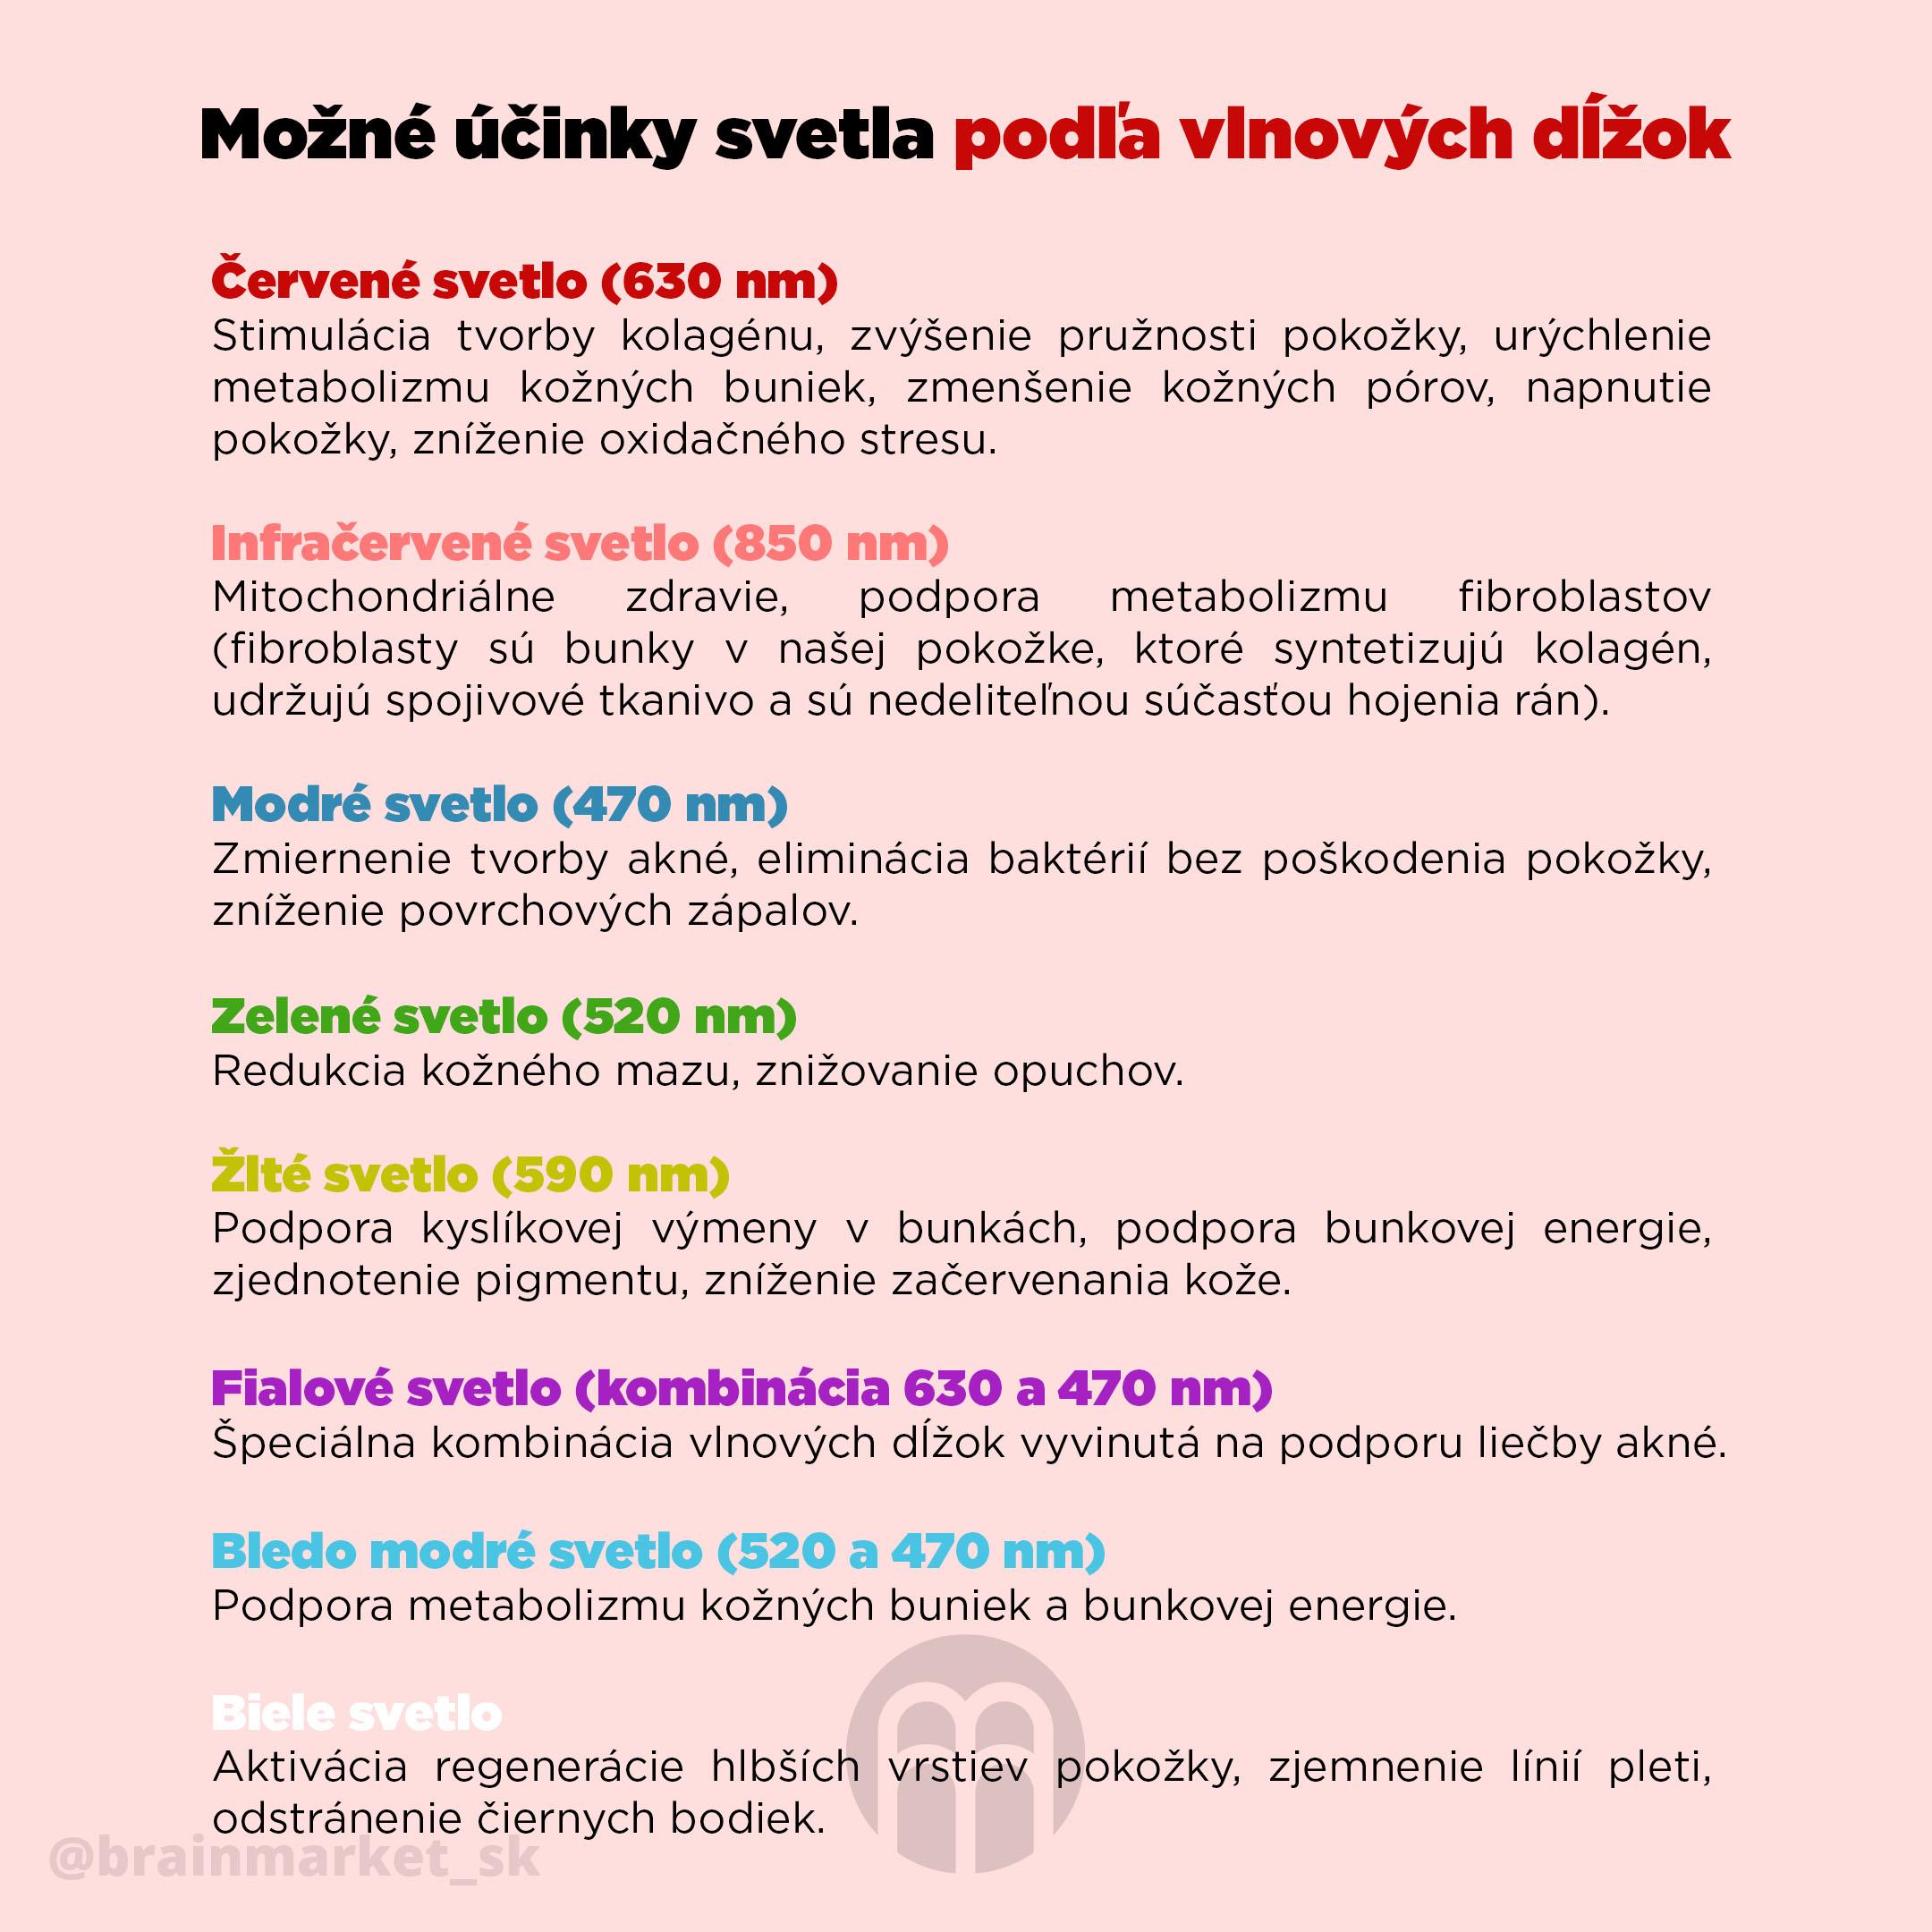 mozne-ucinky-svetla-podla-vlnovych-dlzok-infografika-brainmarket-sk